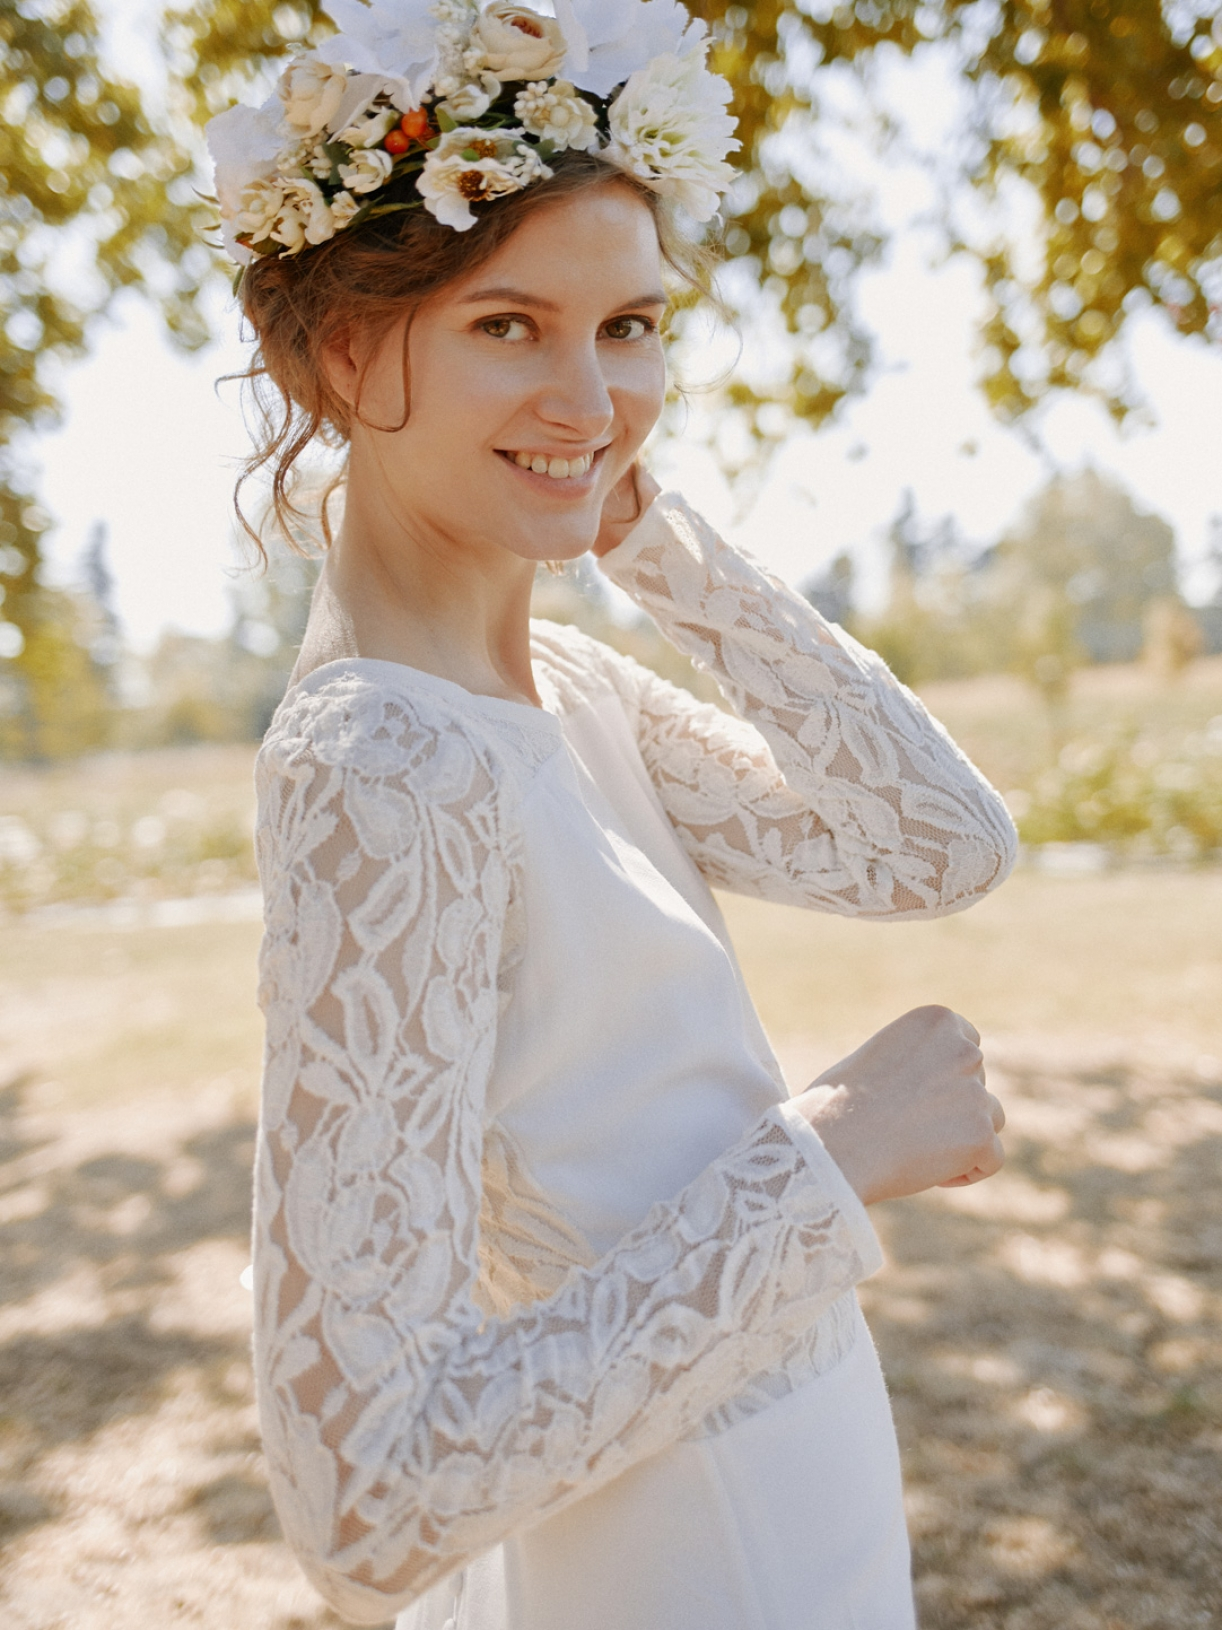 IRIS - Robe de mariée longue à dos de dentelle - Robe de mariée créateur et sur-mesure pas cher a Paris - Myphilosophy